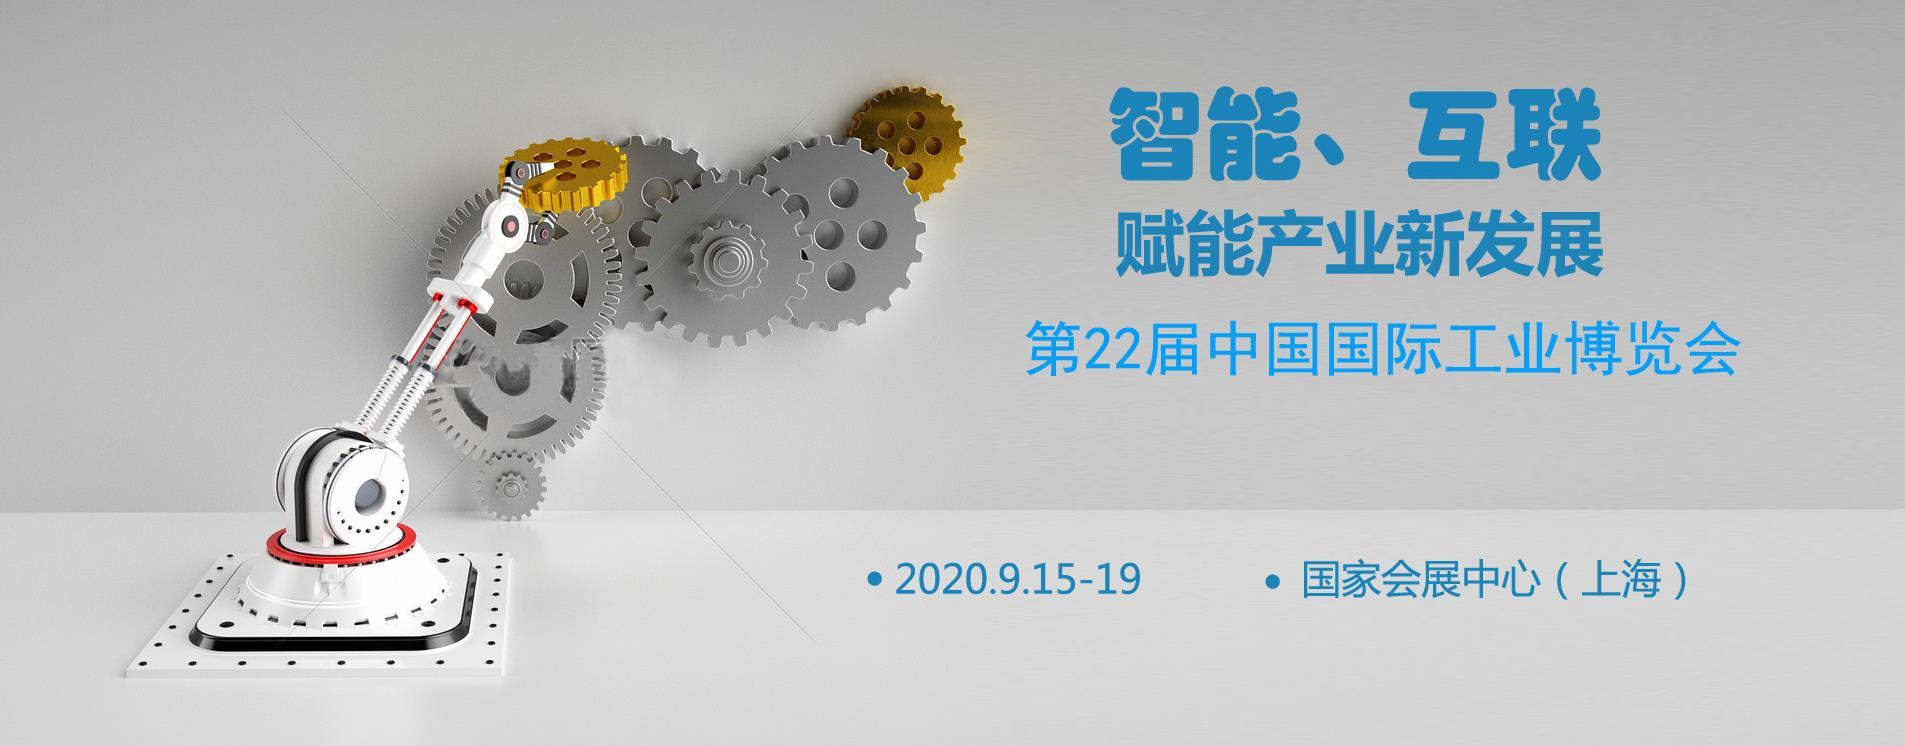 2020第二十二届中国国际工业博览会专题